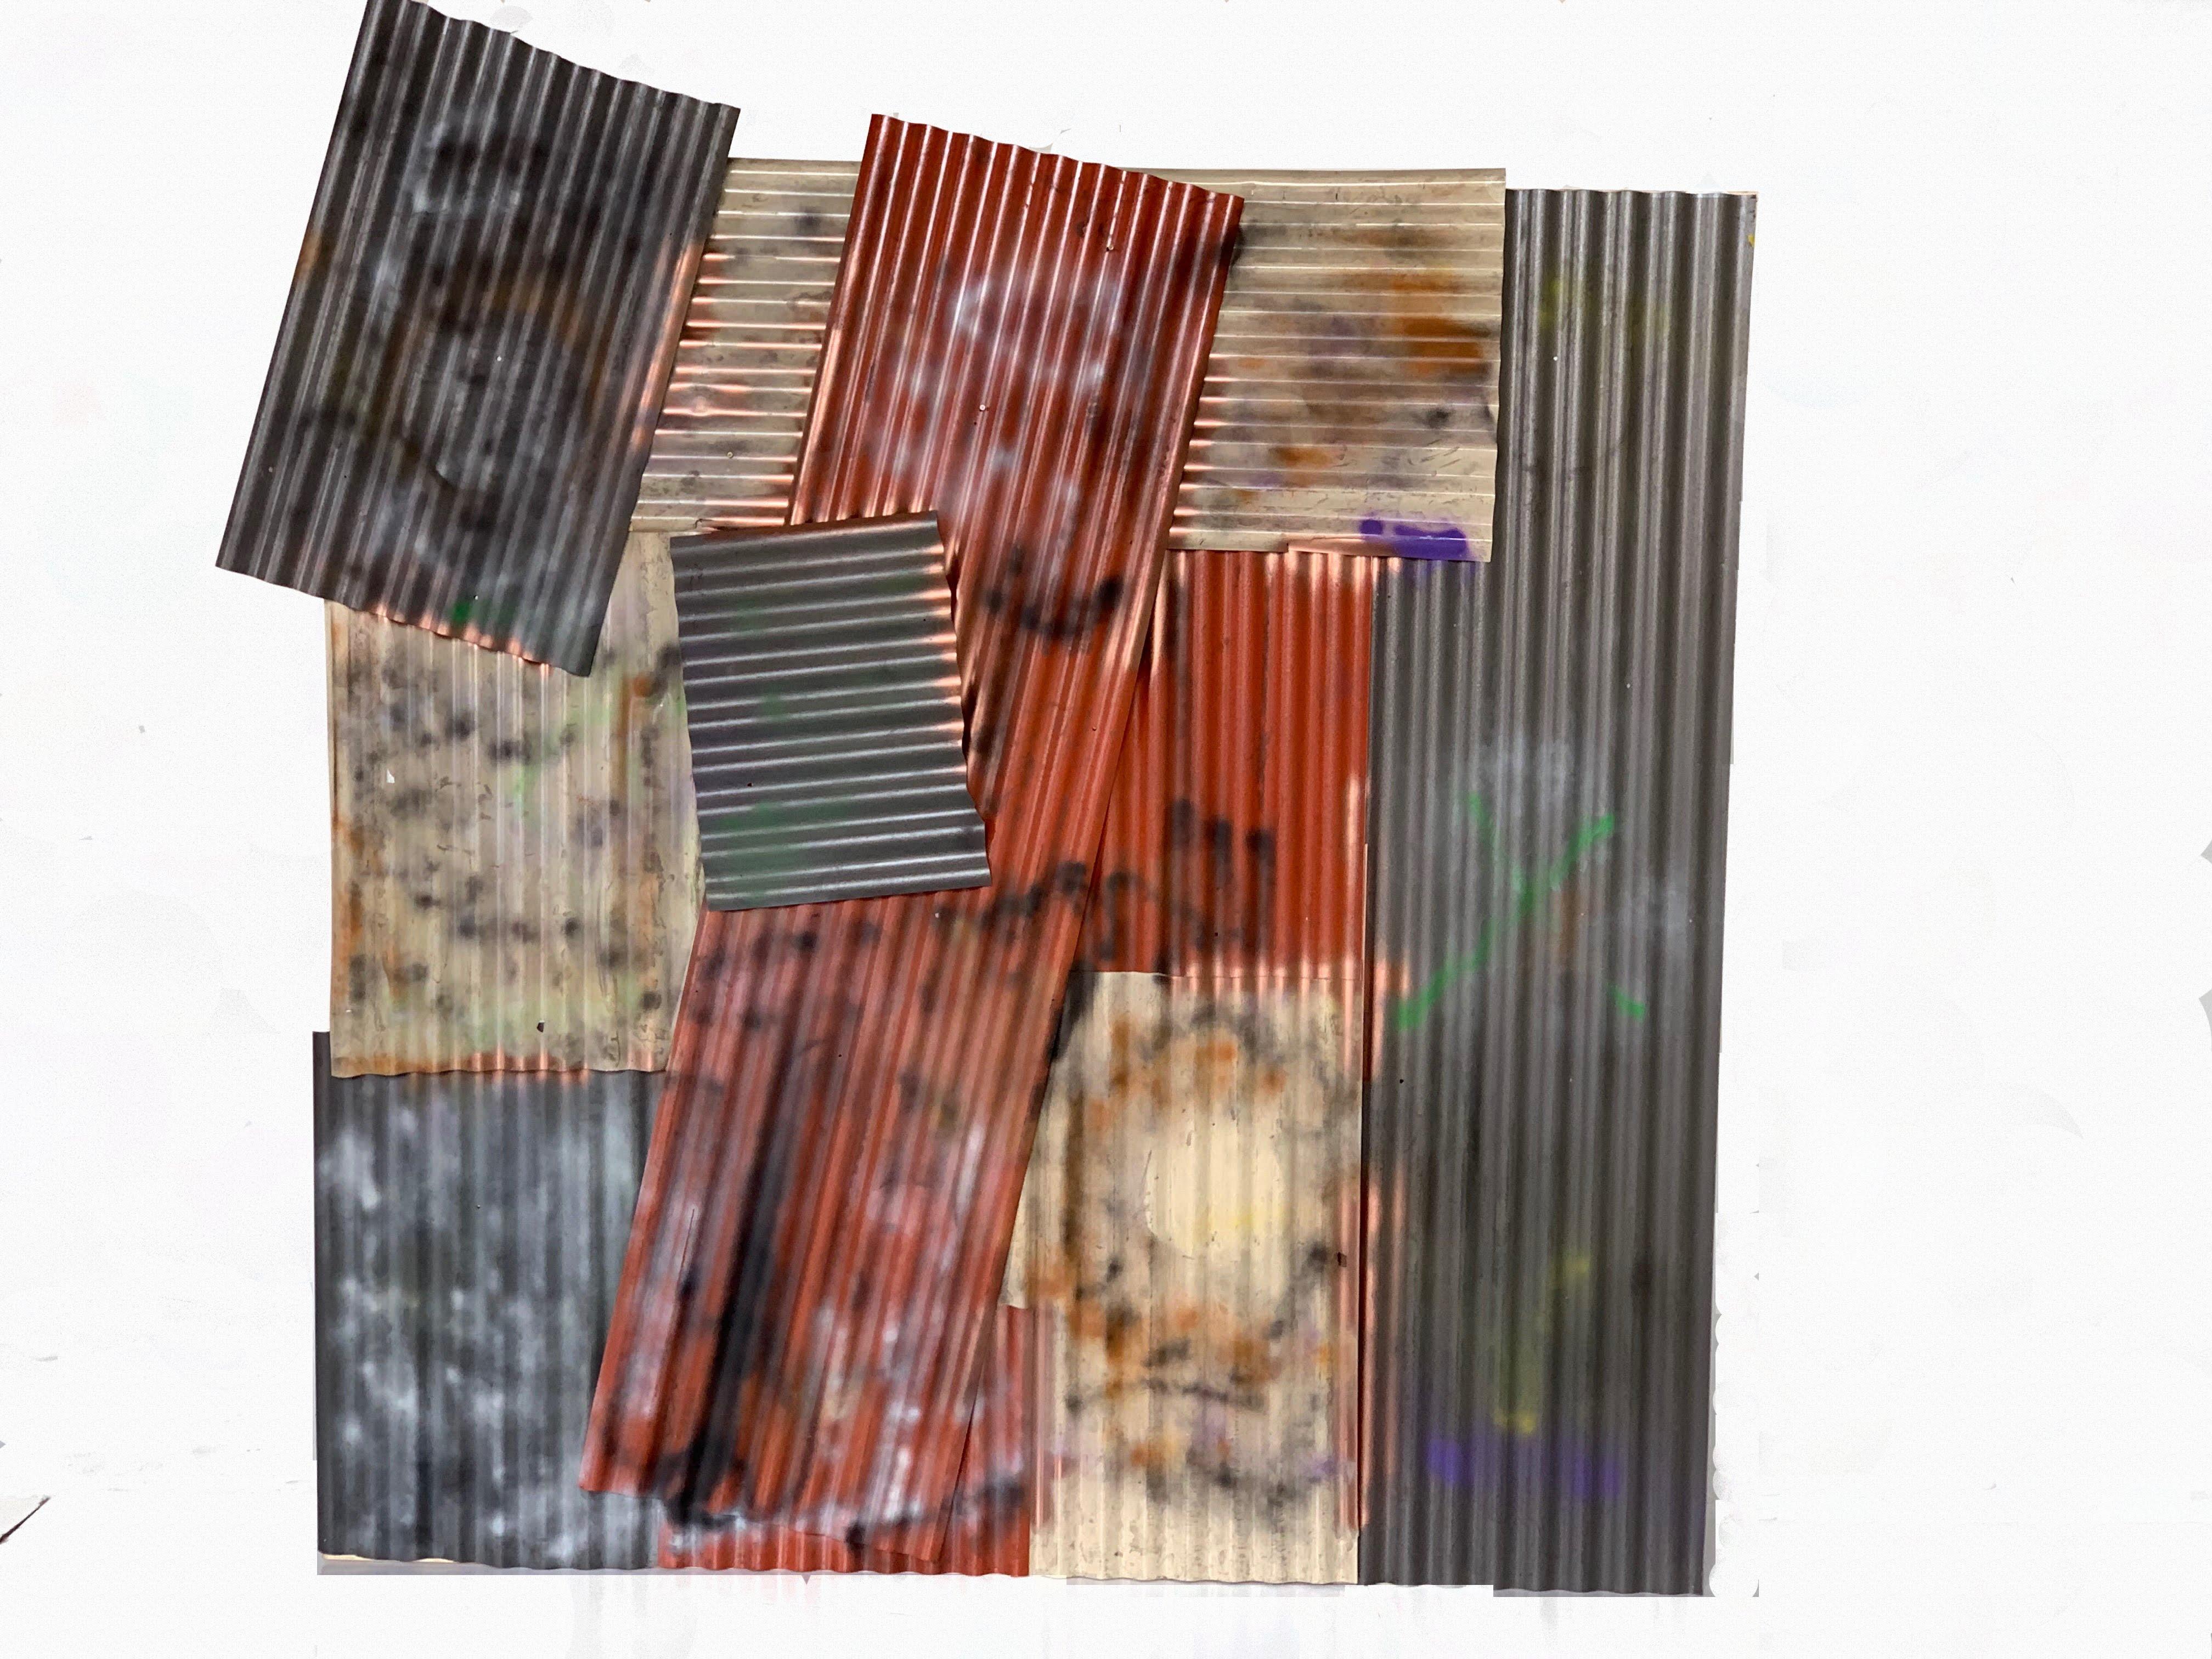 8X8 Flat Corrugated Multicolor